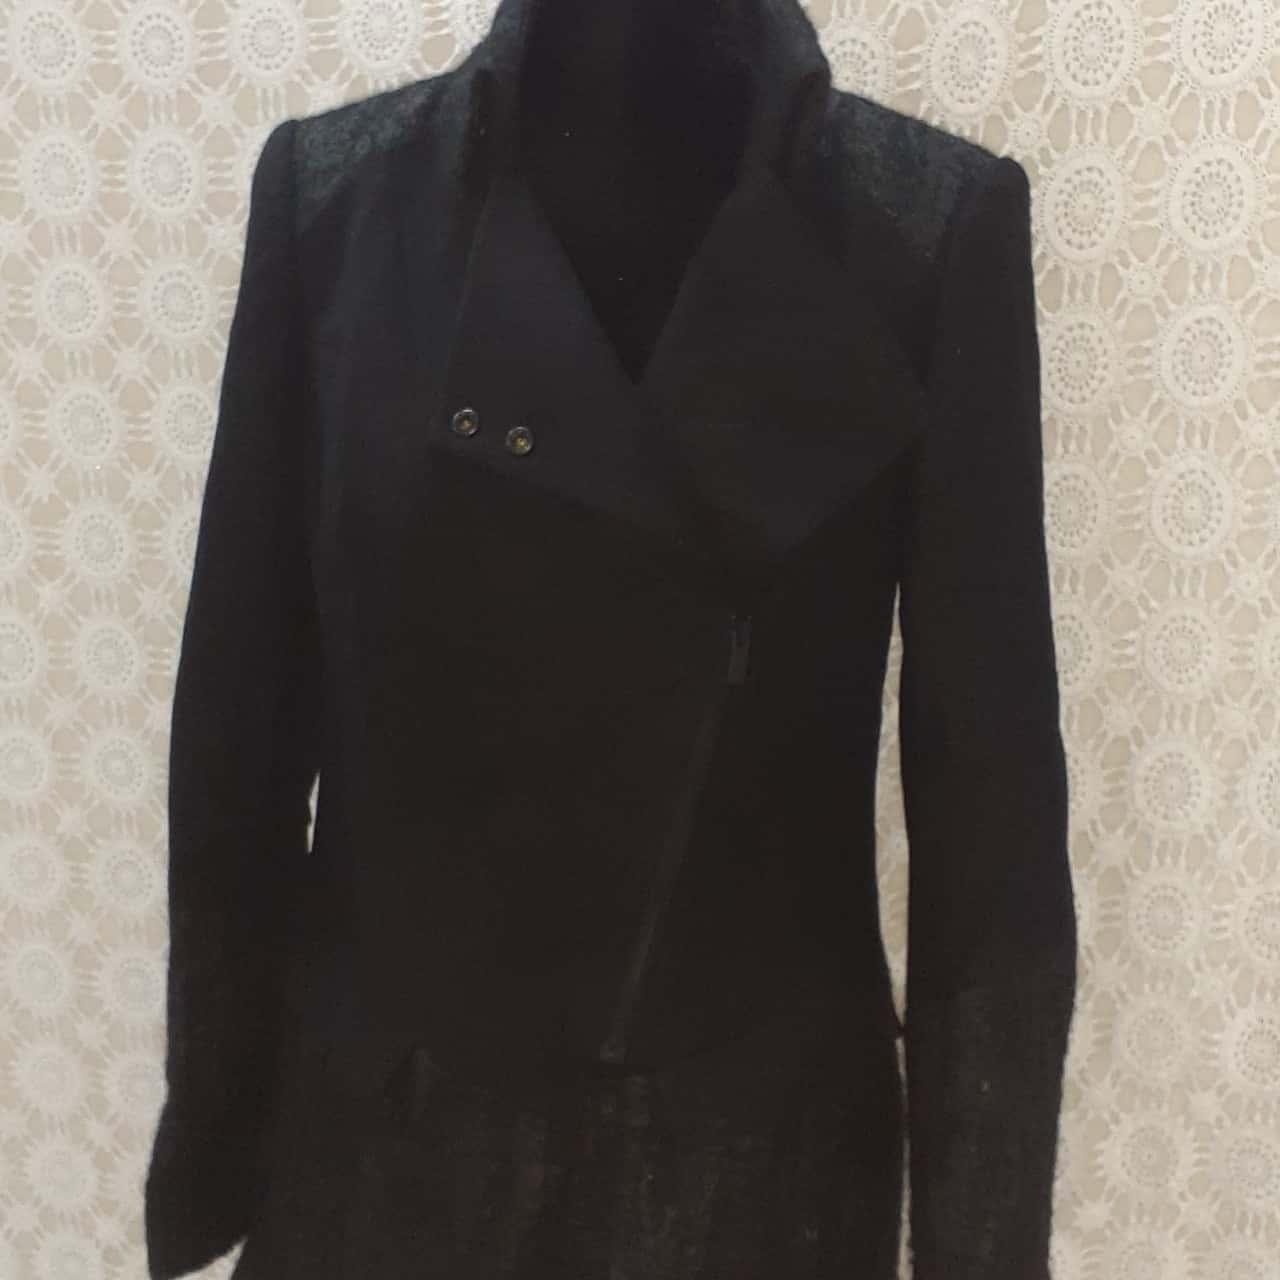 Marcs Dress Jacket Size 12/14